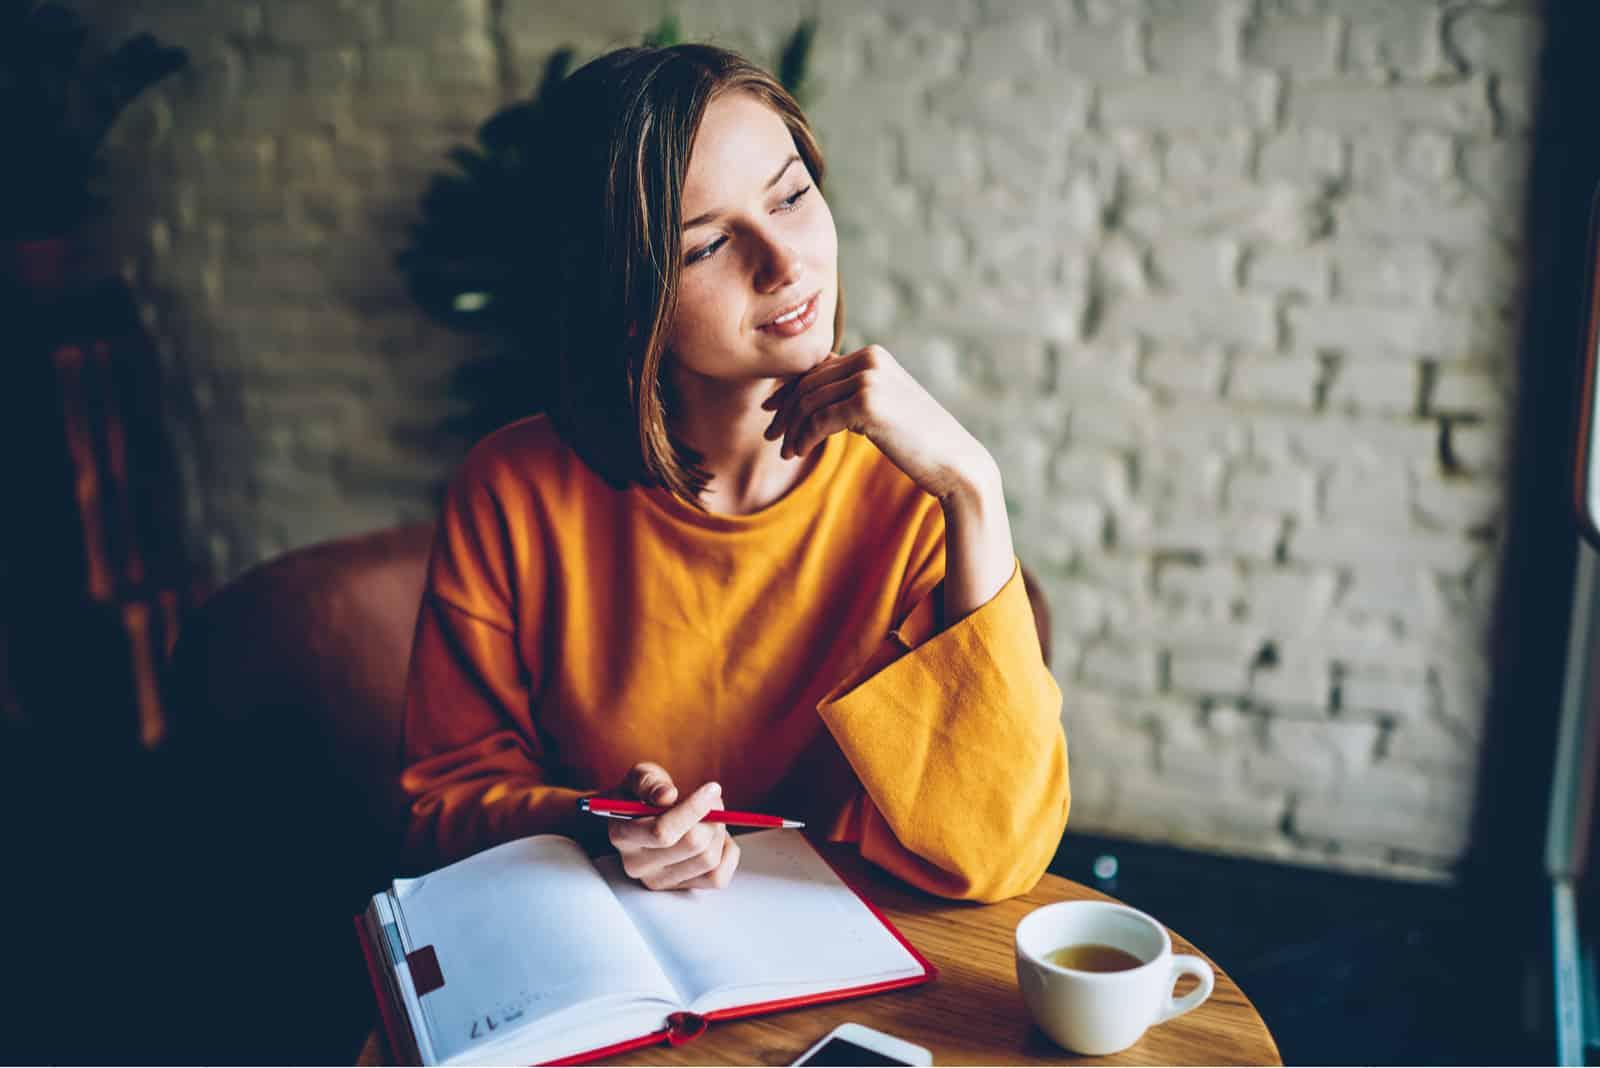 étudiant avec coupe de cheveux courte rêvant d'écrire des plans